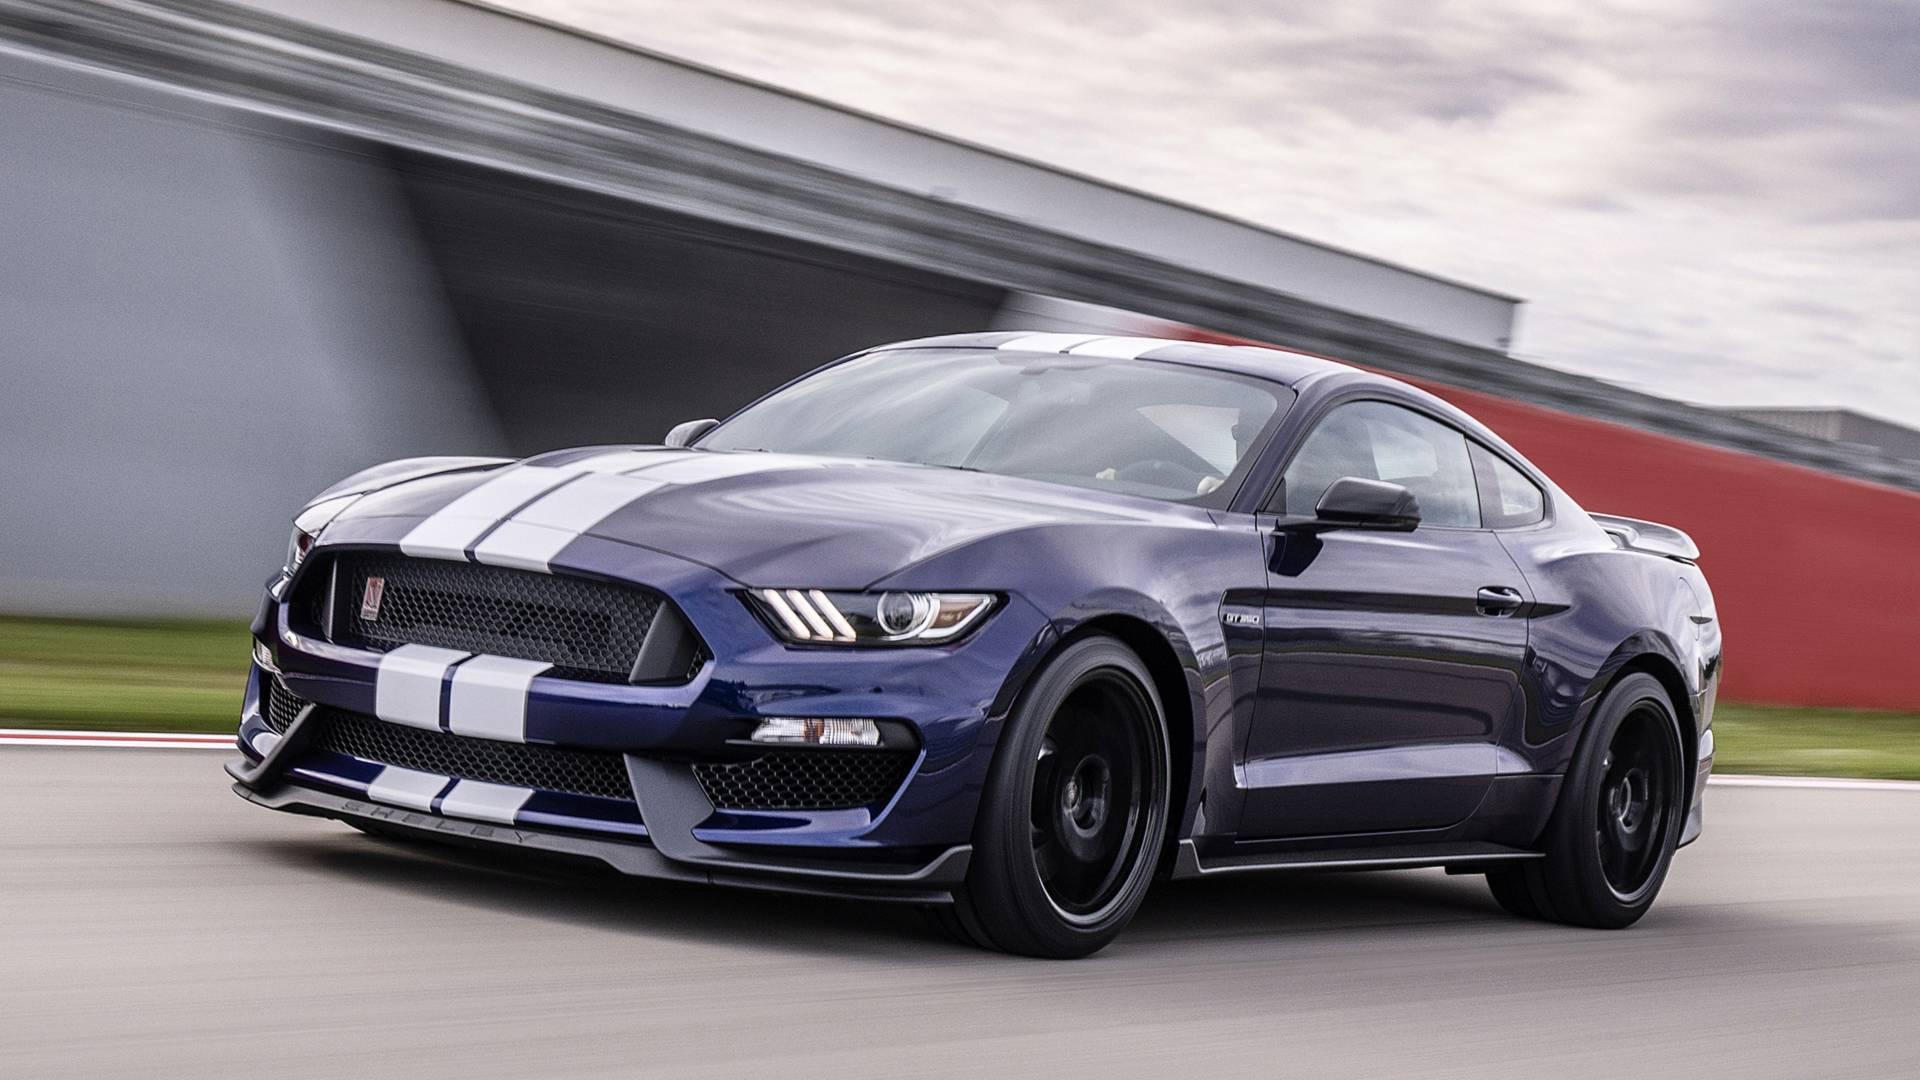 Ford mustang 2019 года - КалендарьГода рекомендации